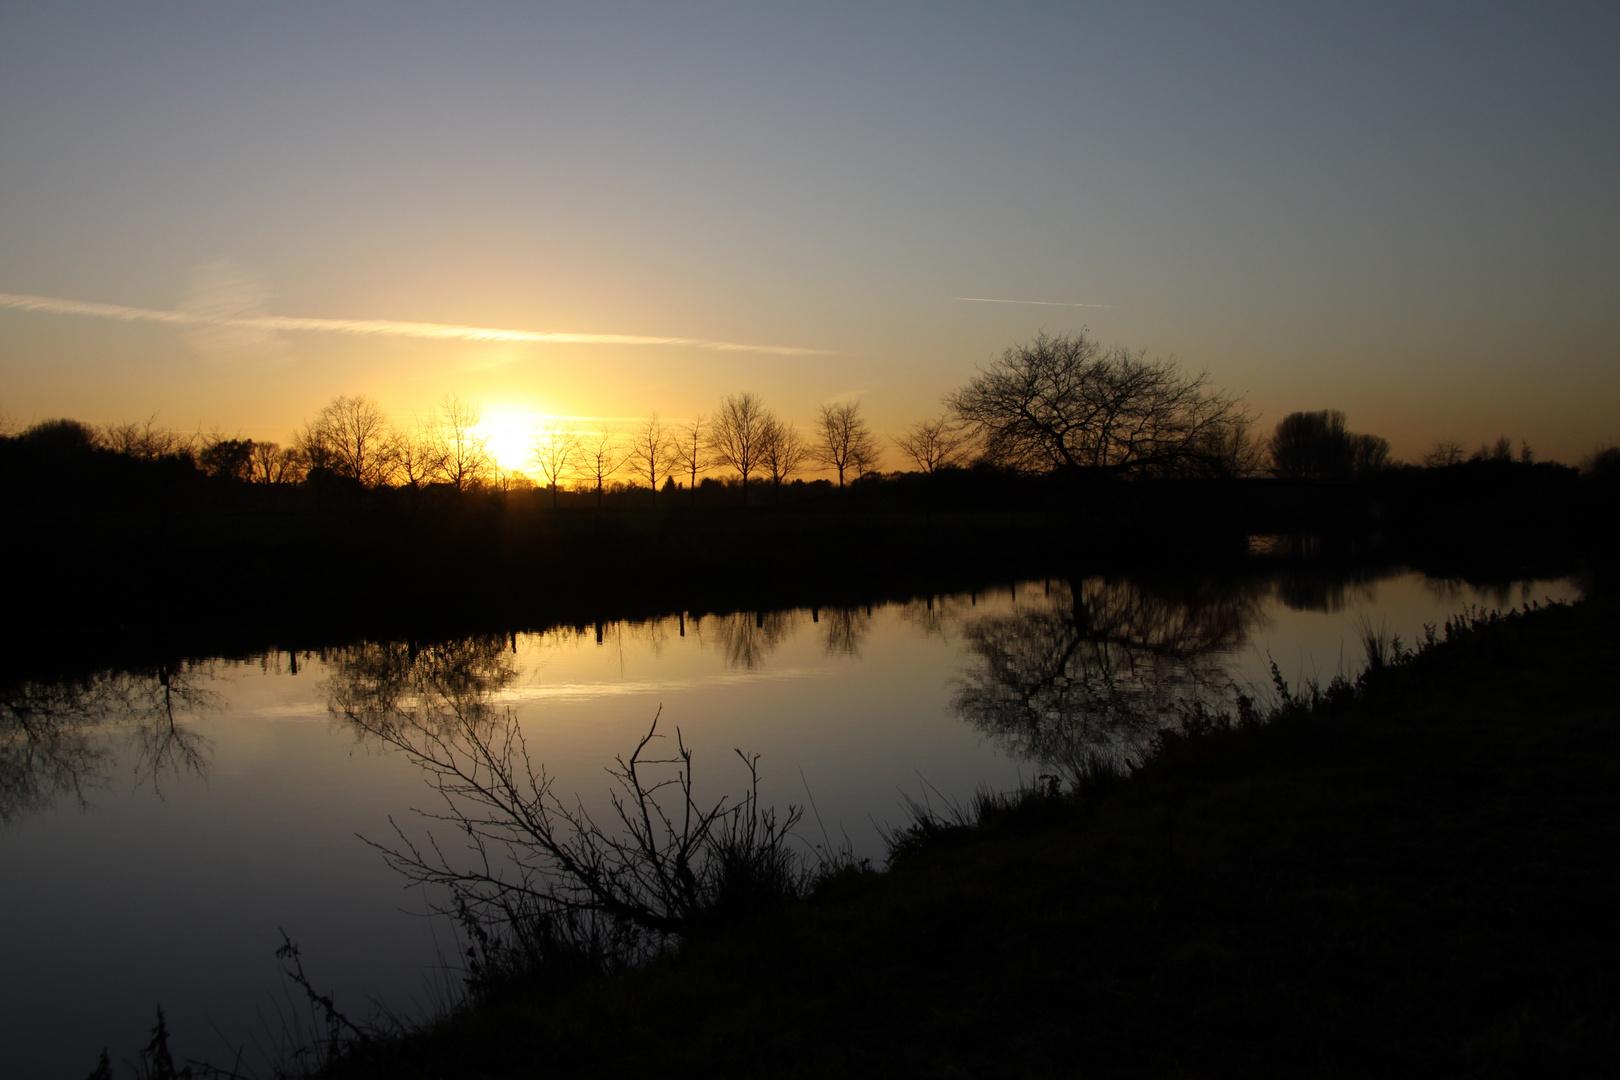 Sonnenuntergang an der Lippe